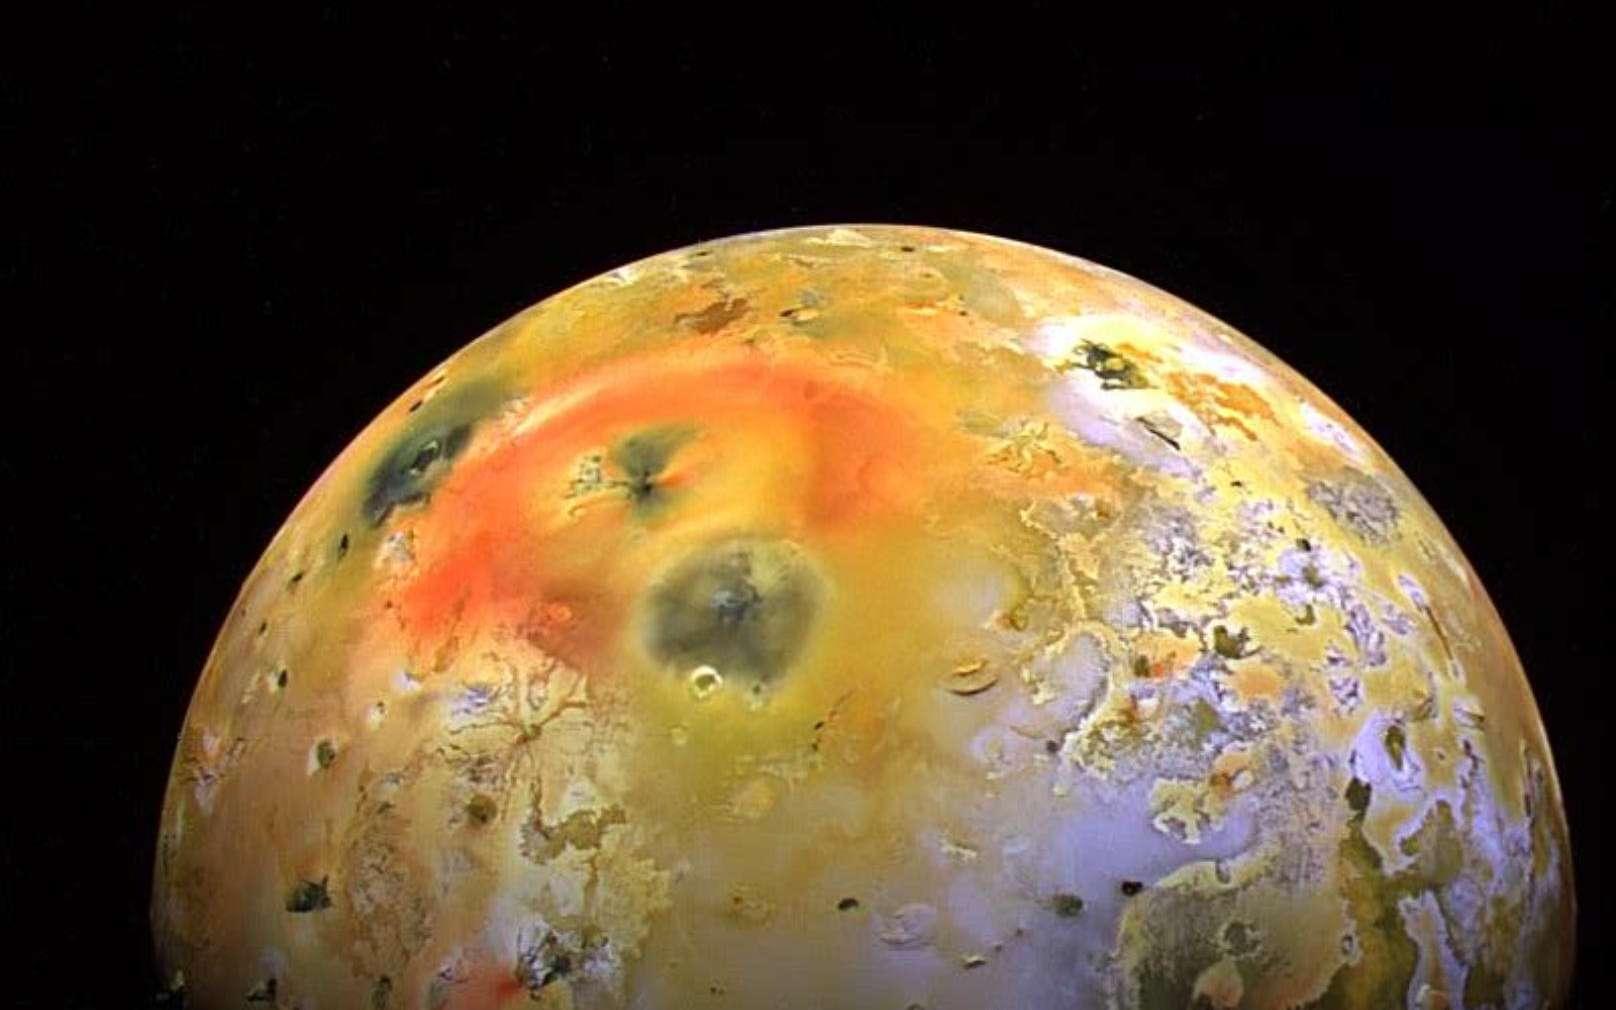 Cette photographie de Io prise par la sonde Galileo montre la tache sombre produite par une éruption à Pillan Patera, en 1997. Pillan Patera est une caldeira volcanique d'un diamètre d'environ 73 kilomètres nommée d'après le dieu du tonnerre, du feu et des volcans des Indiens mapuches dans les Andes. Au cours de l'été 1997, une éruption accompagnée de laves à des températures supérieures à 1.600 °C, avec un panache de 140 kilomètres de haut, a déposé un matériel pyroclastique noir riche en orthopyroxène sur une zone supérieure à 125.000 km2. C'est la plus importante éruption effusive dont l'Homme ait jamais été témoin avec au moins 31 km3 de laves émises sur une période de 100 jours. L'éruption a produit un large dépôt de matière sombre de 400 km de diamètre, qui recouvre partiellement l'anneau de dépôts couleur rouge vif entourant le volcan Pélé. © Nasa, JPL, University of Arizona